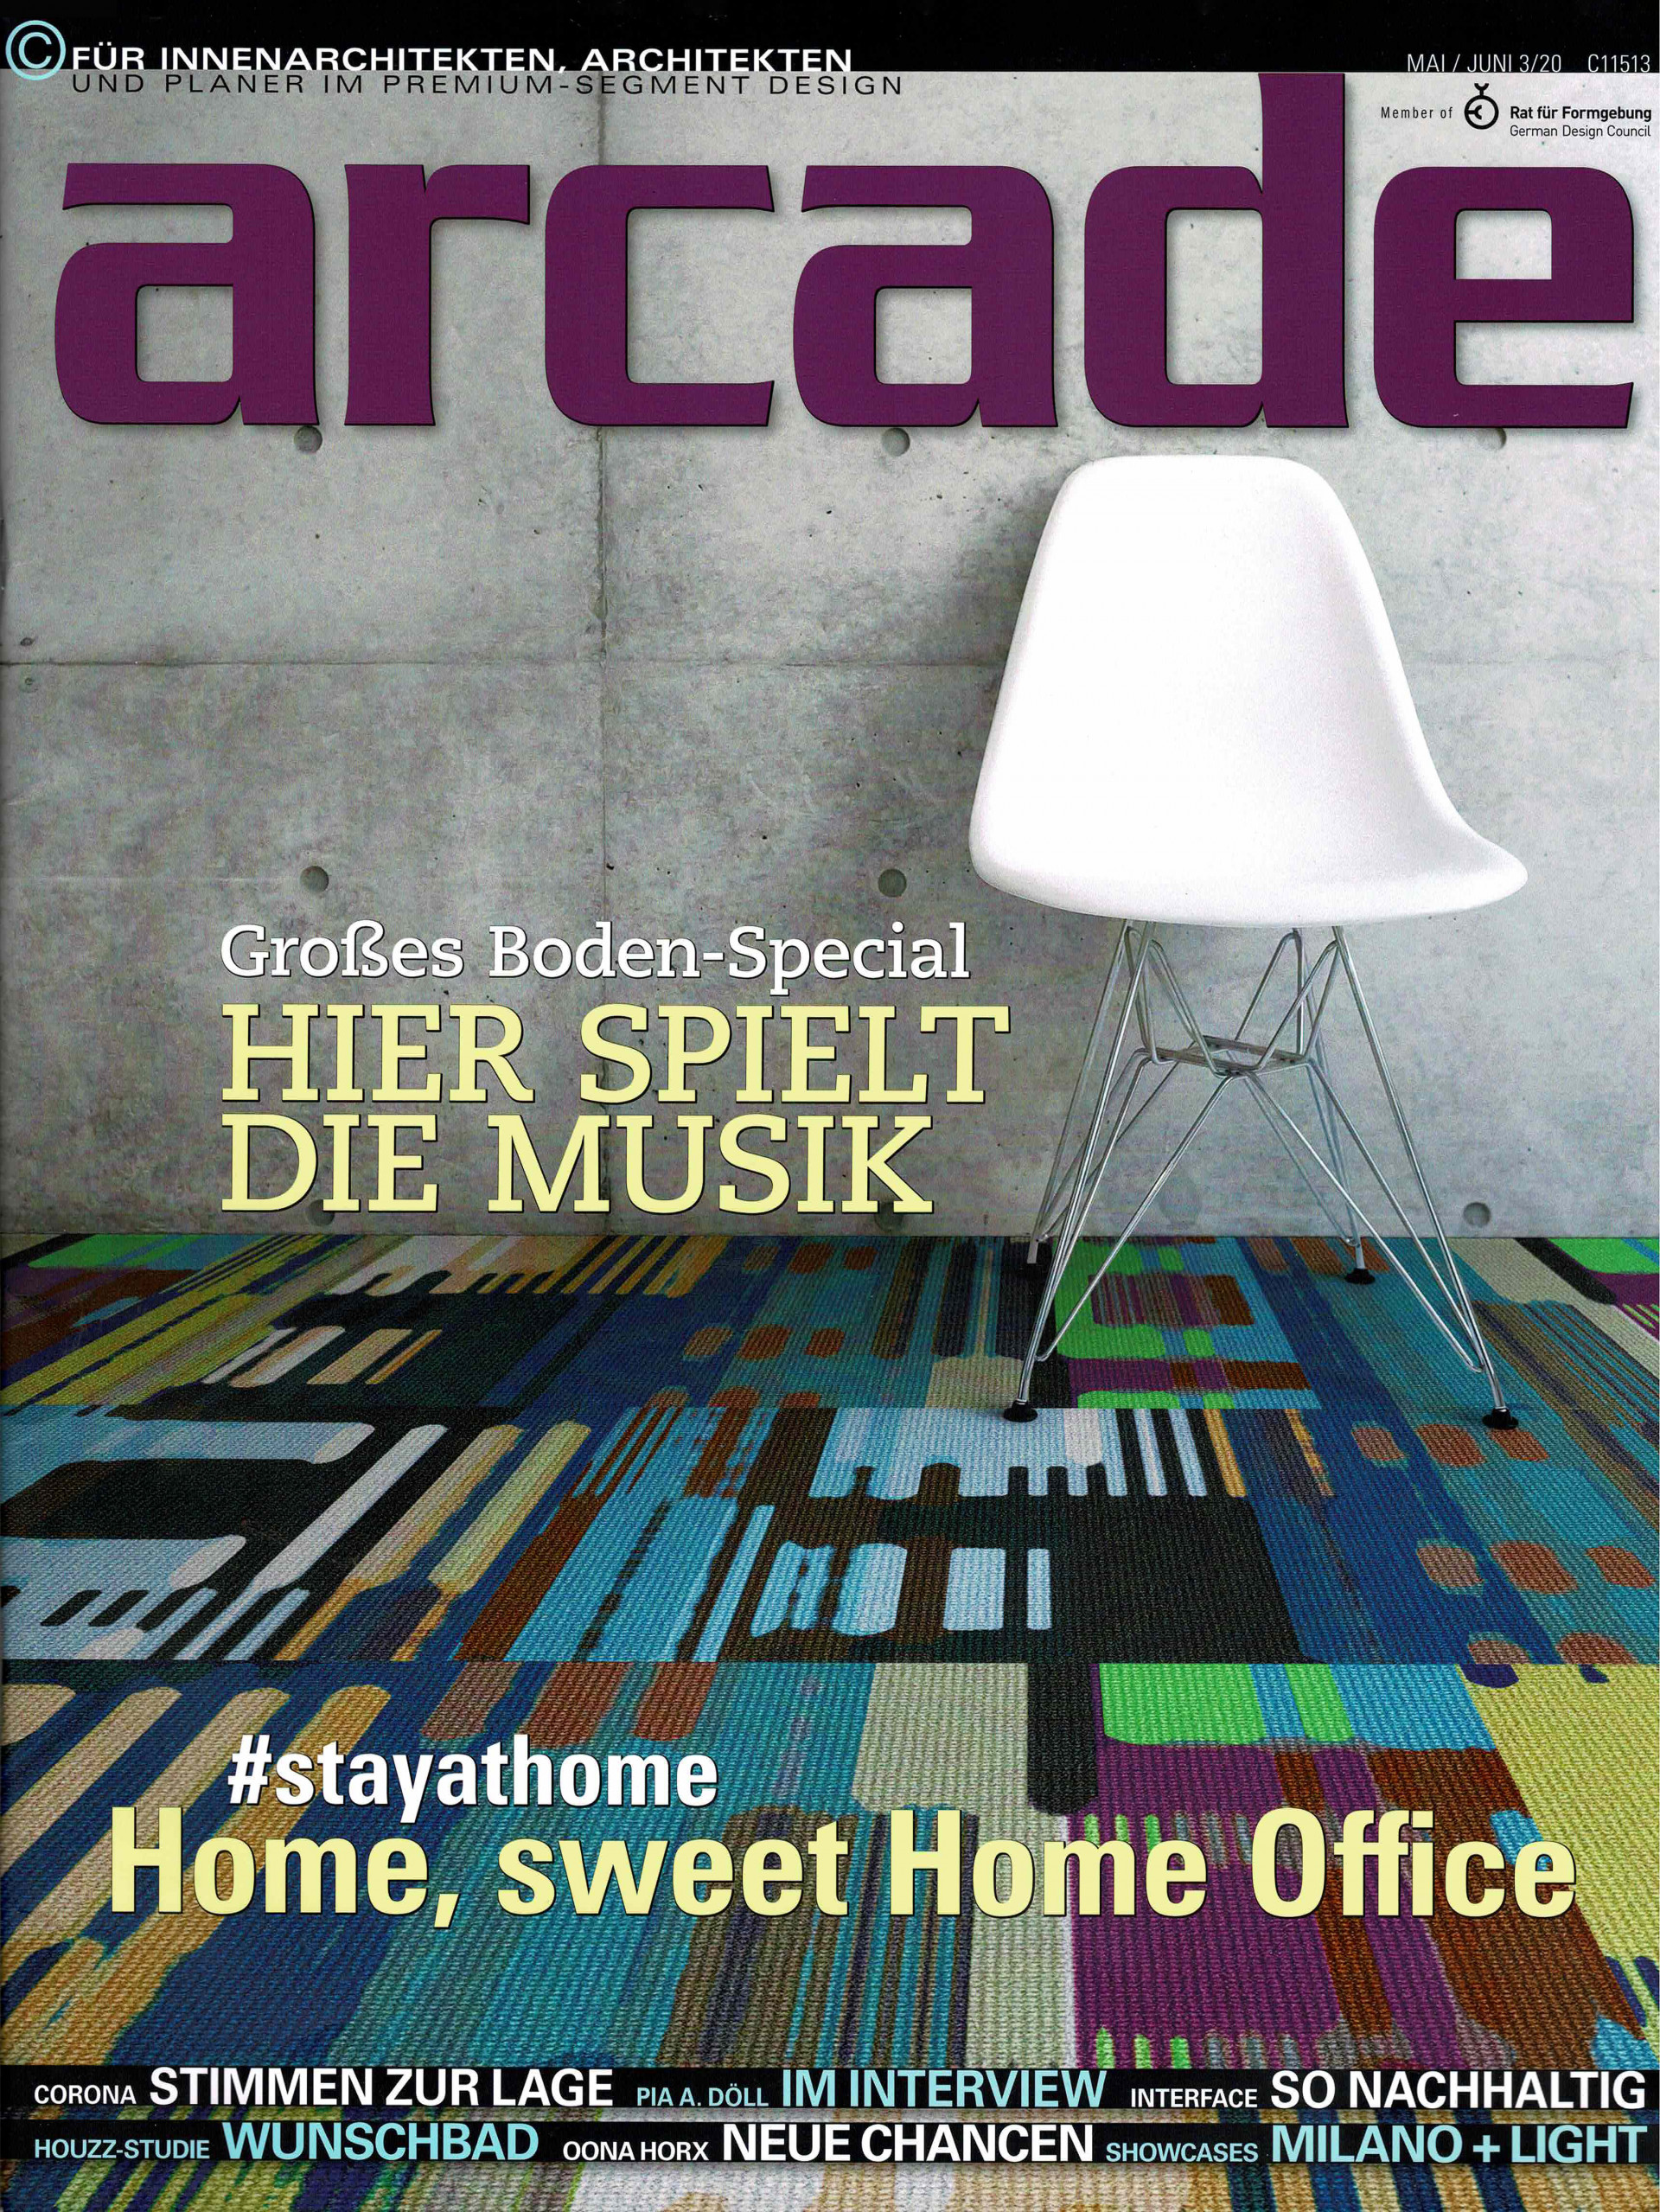 Studio Hanne Willmann Press